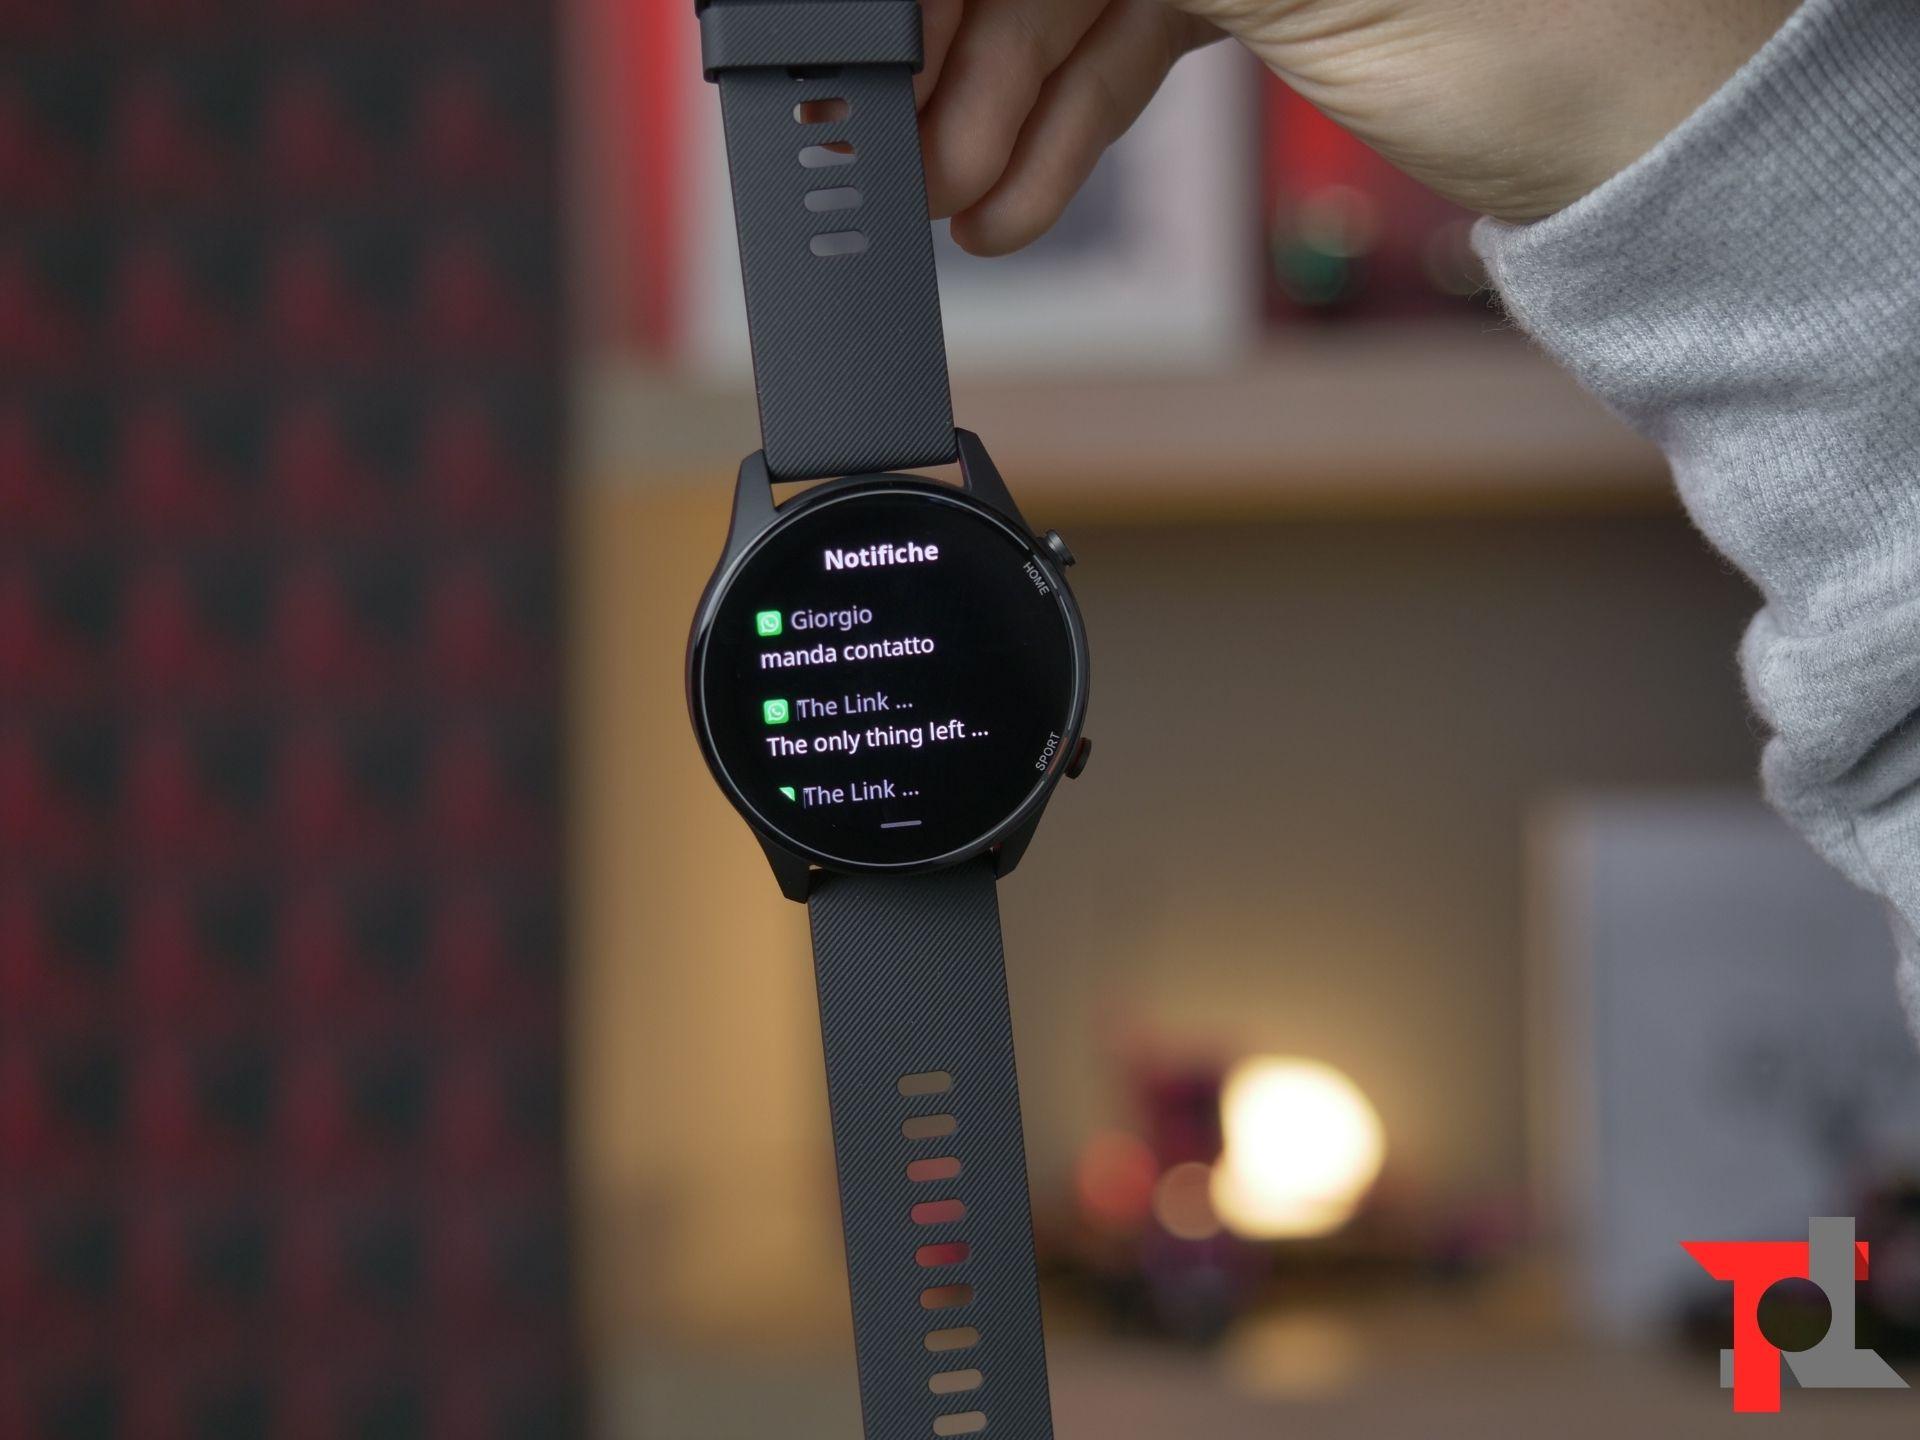 mi-watch-tt-5